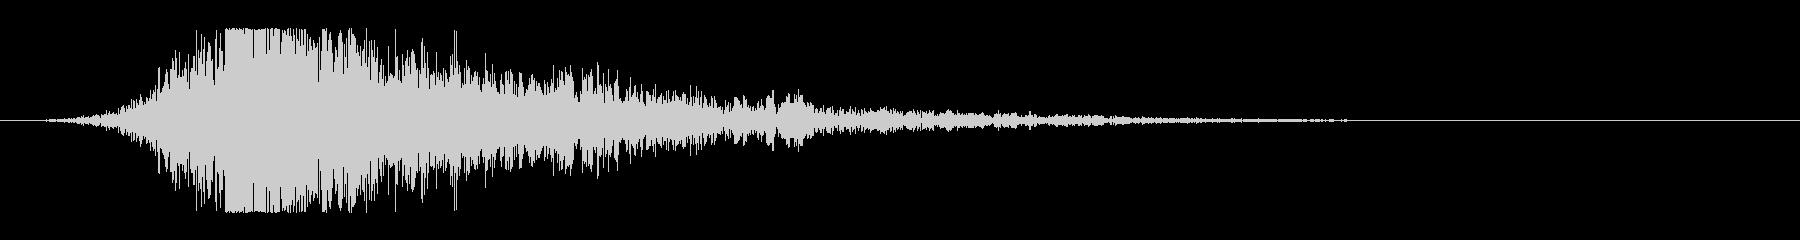 シュードーン-14(インパクト音)の未再生の波形